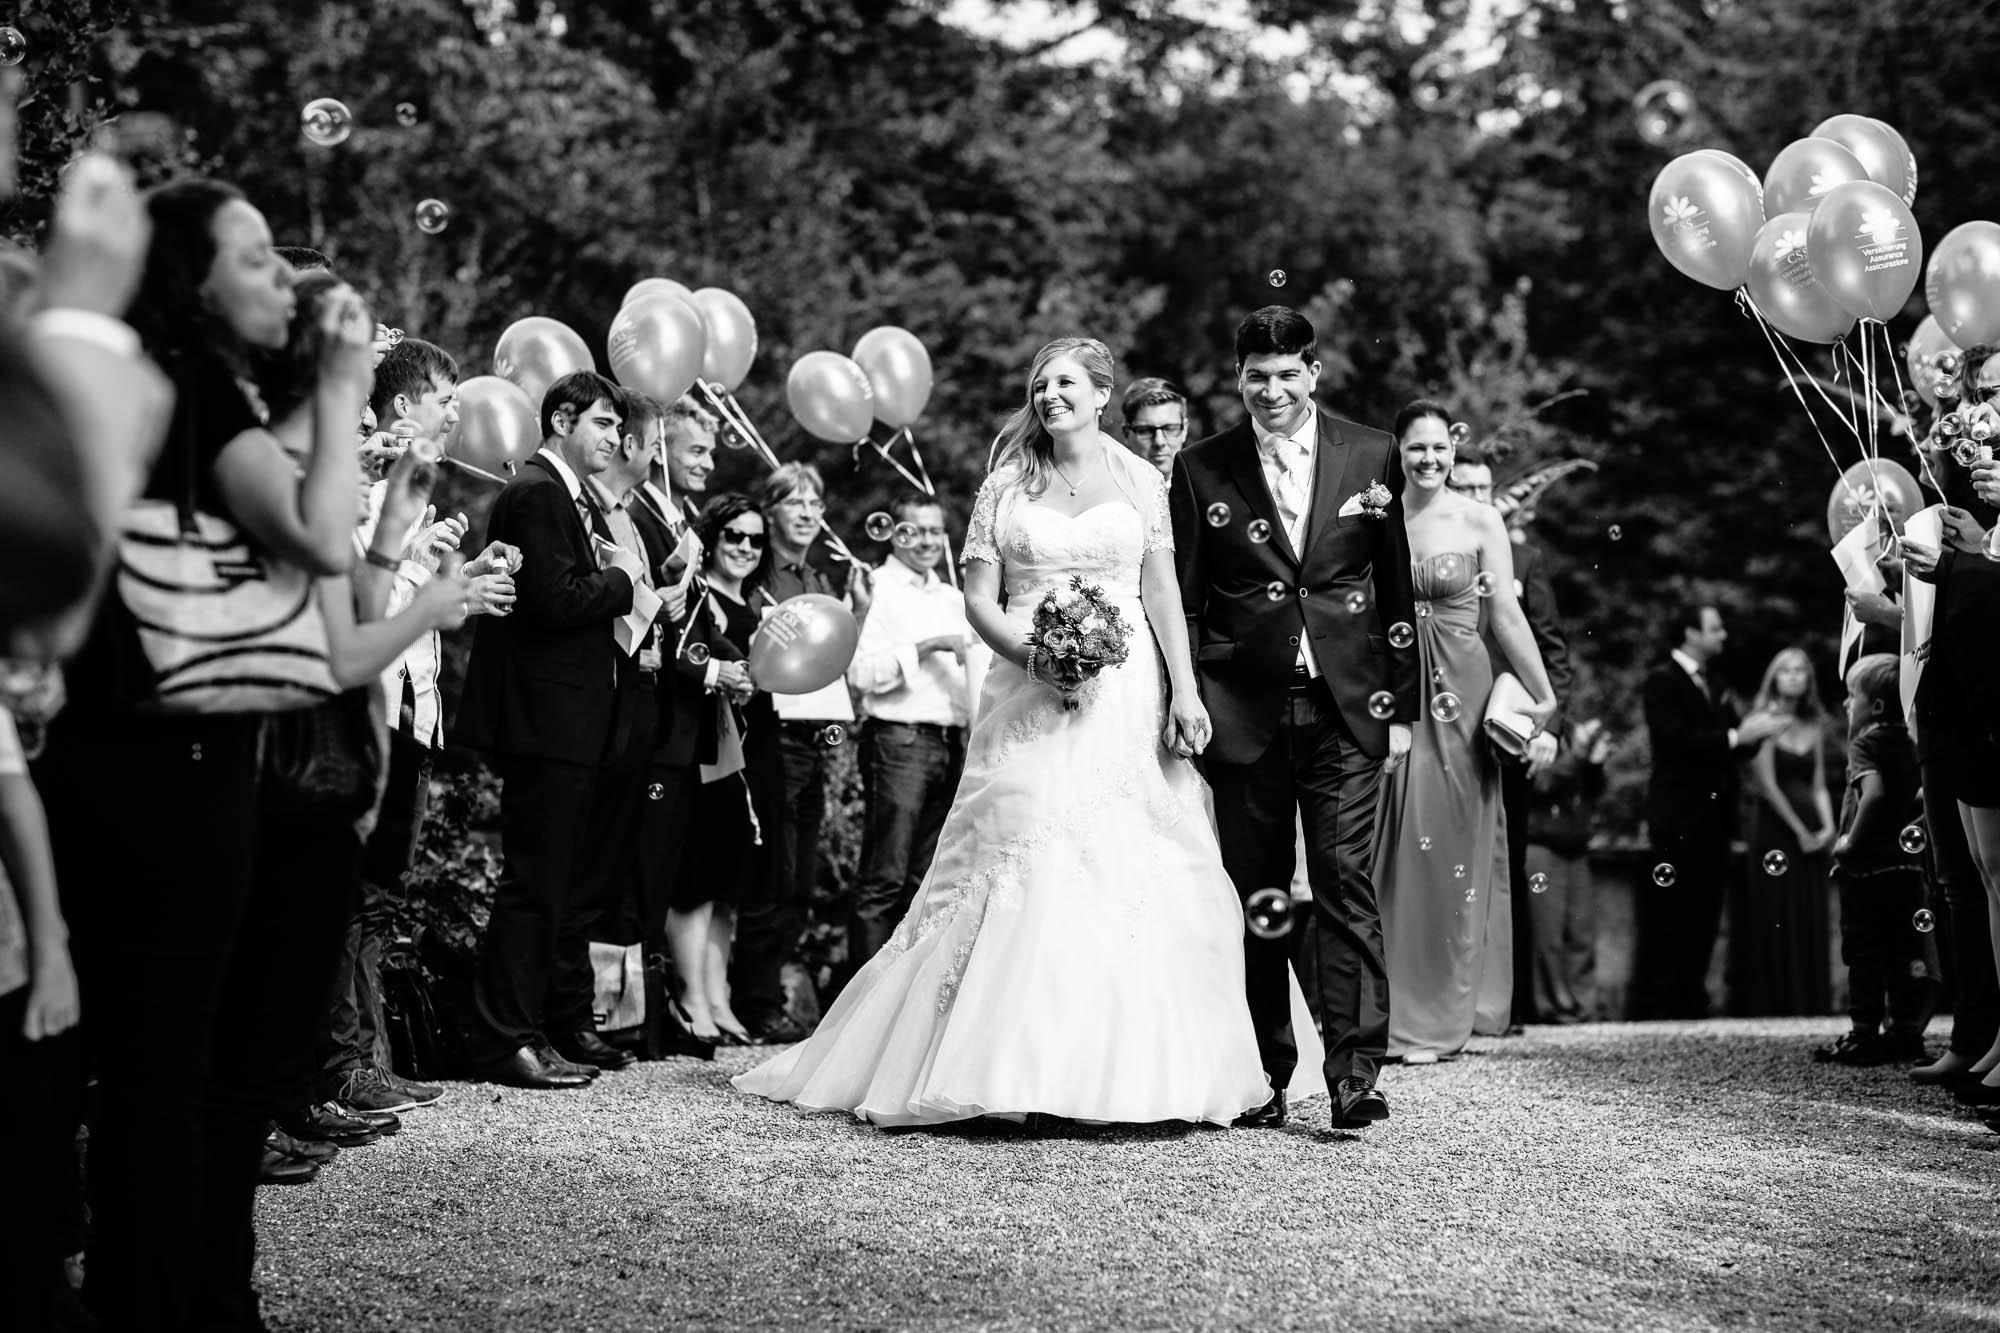 Hochzeitsfotograf Luzern  Hochzeitsbilder  Hochzeitsfotos